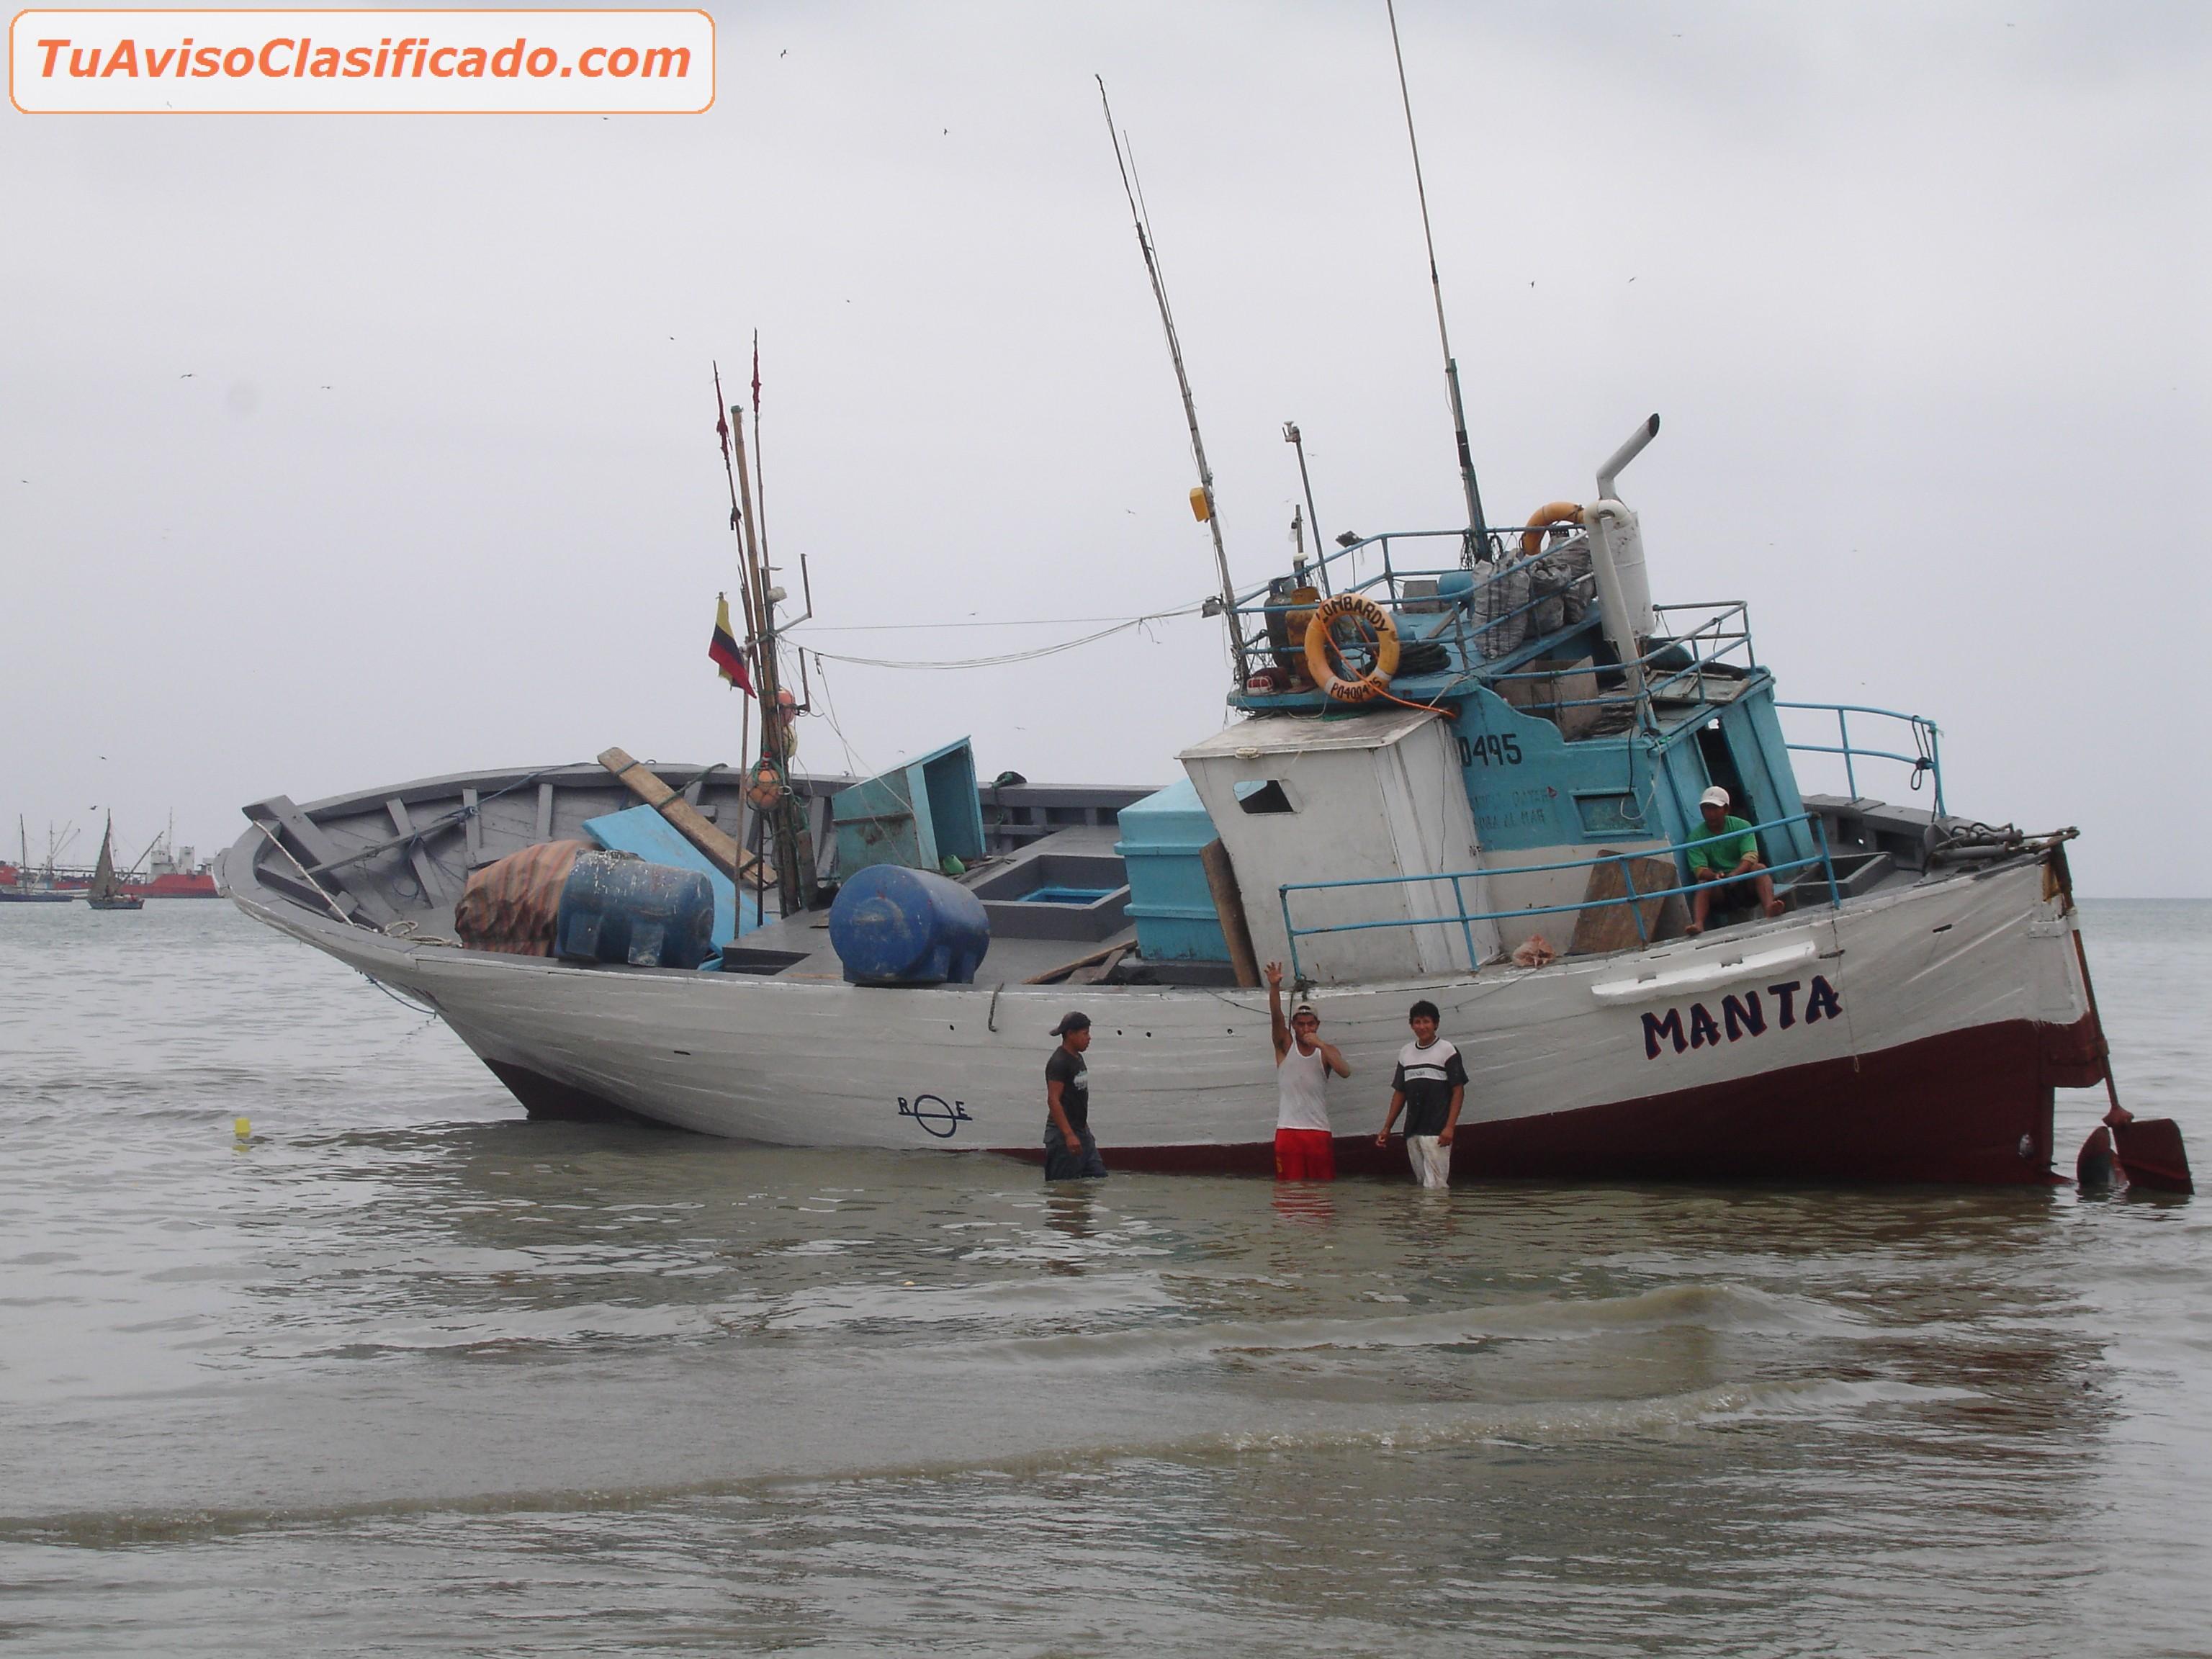 Barcos de Embarcaciones y Aeronaves en TuAvisoClasificado.com